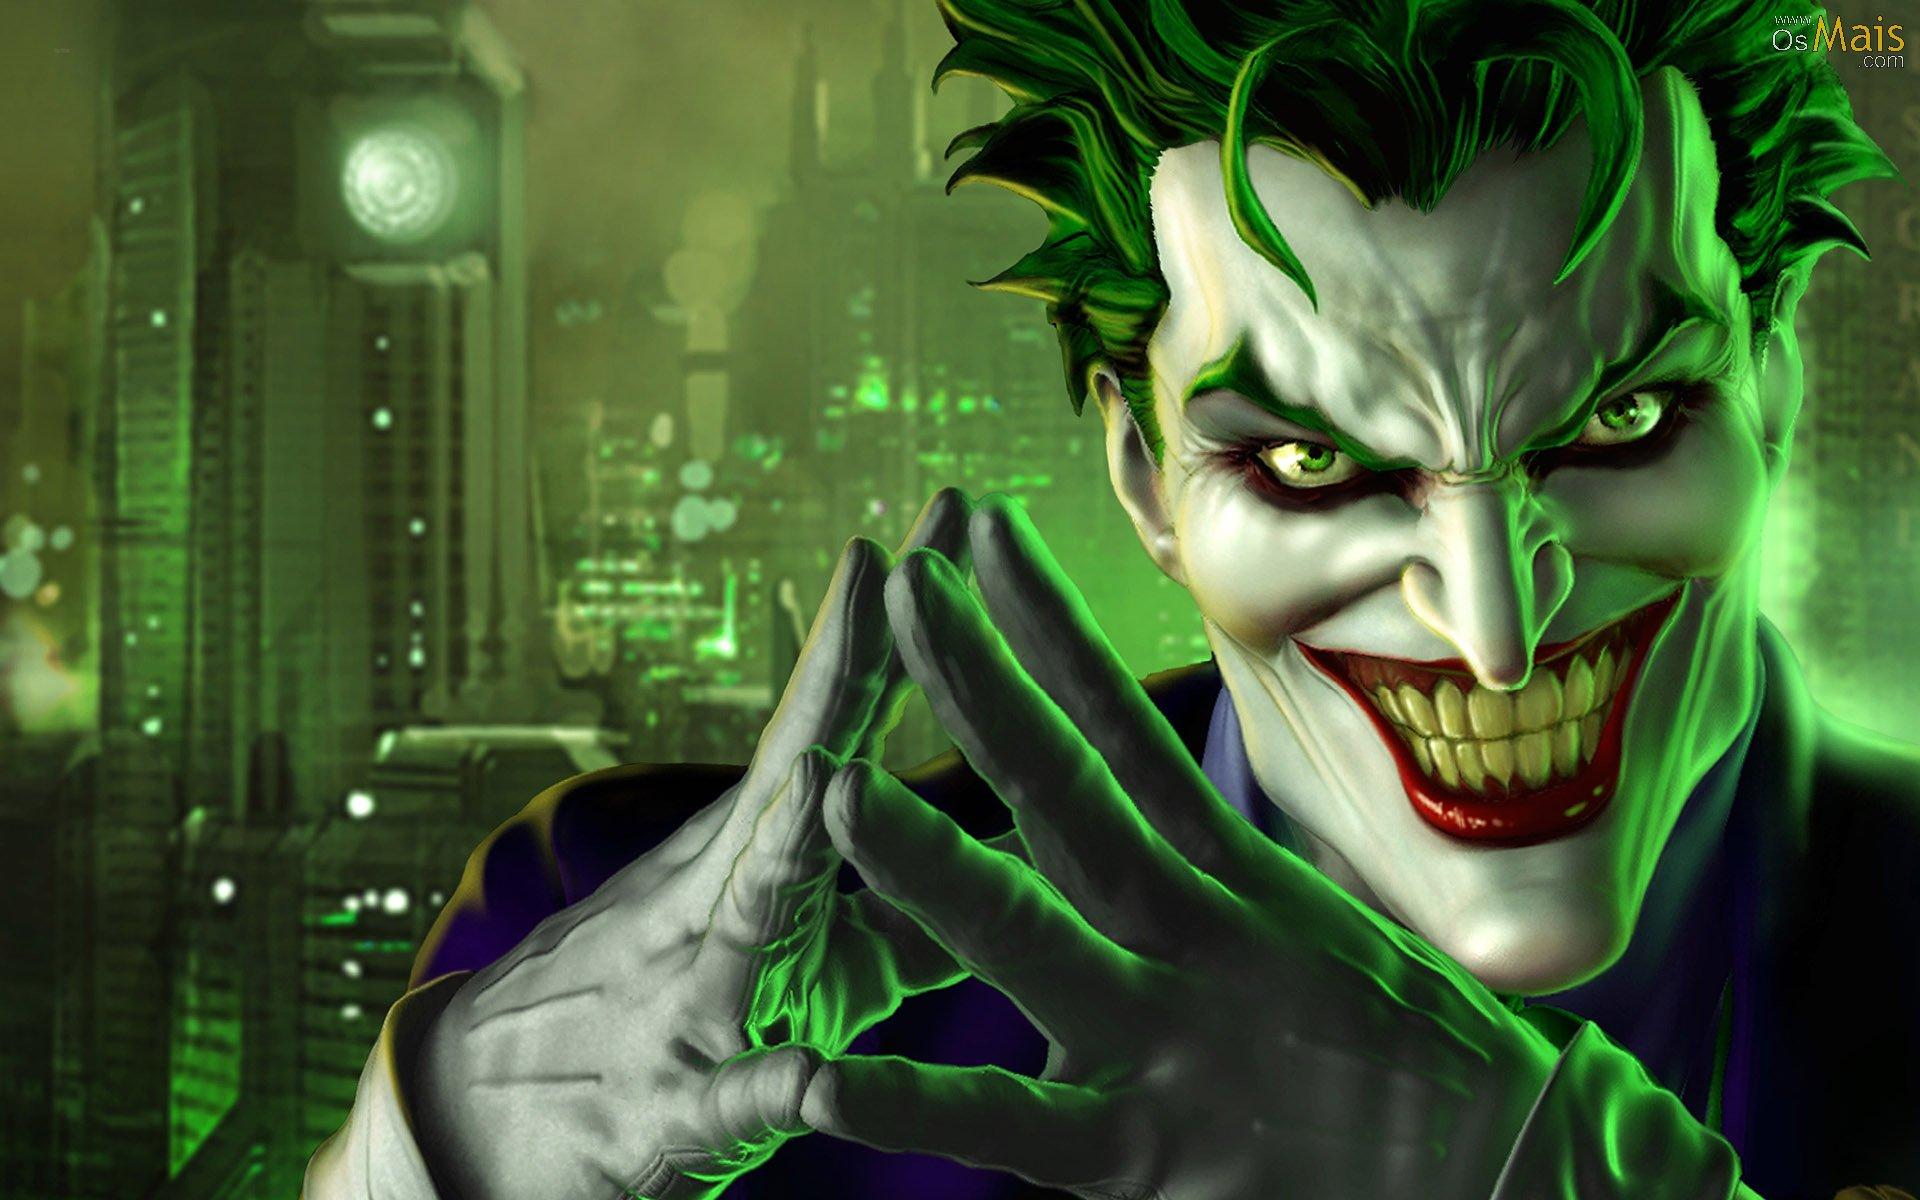 Papel de Parede Joker   papel de paredewallpaperJokerwallpapers 1920x1200